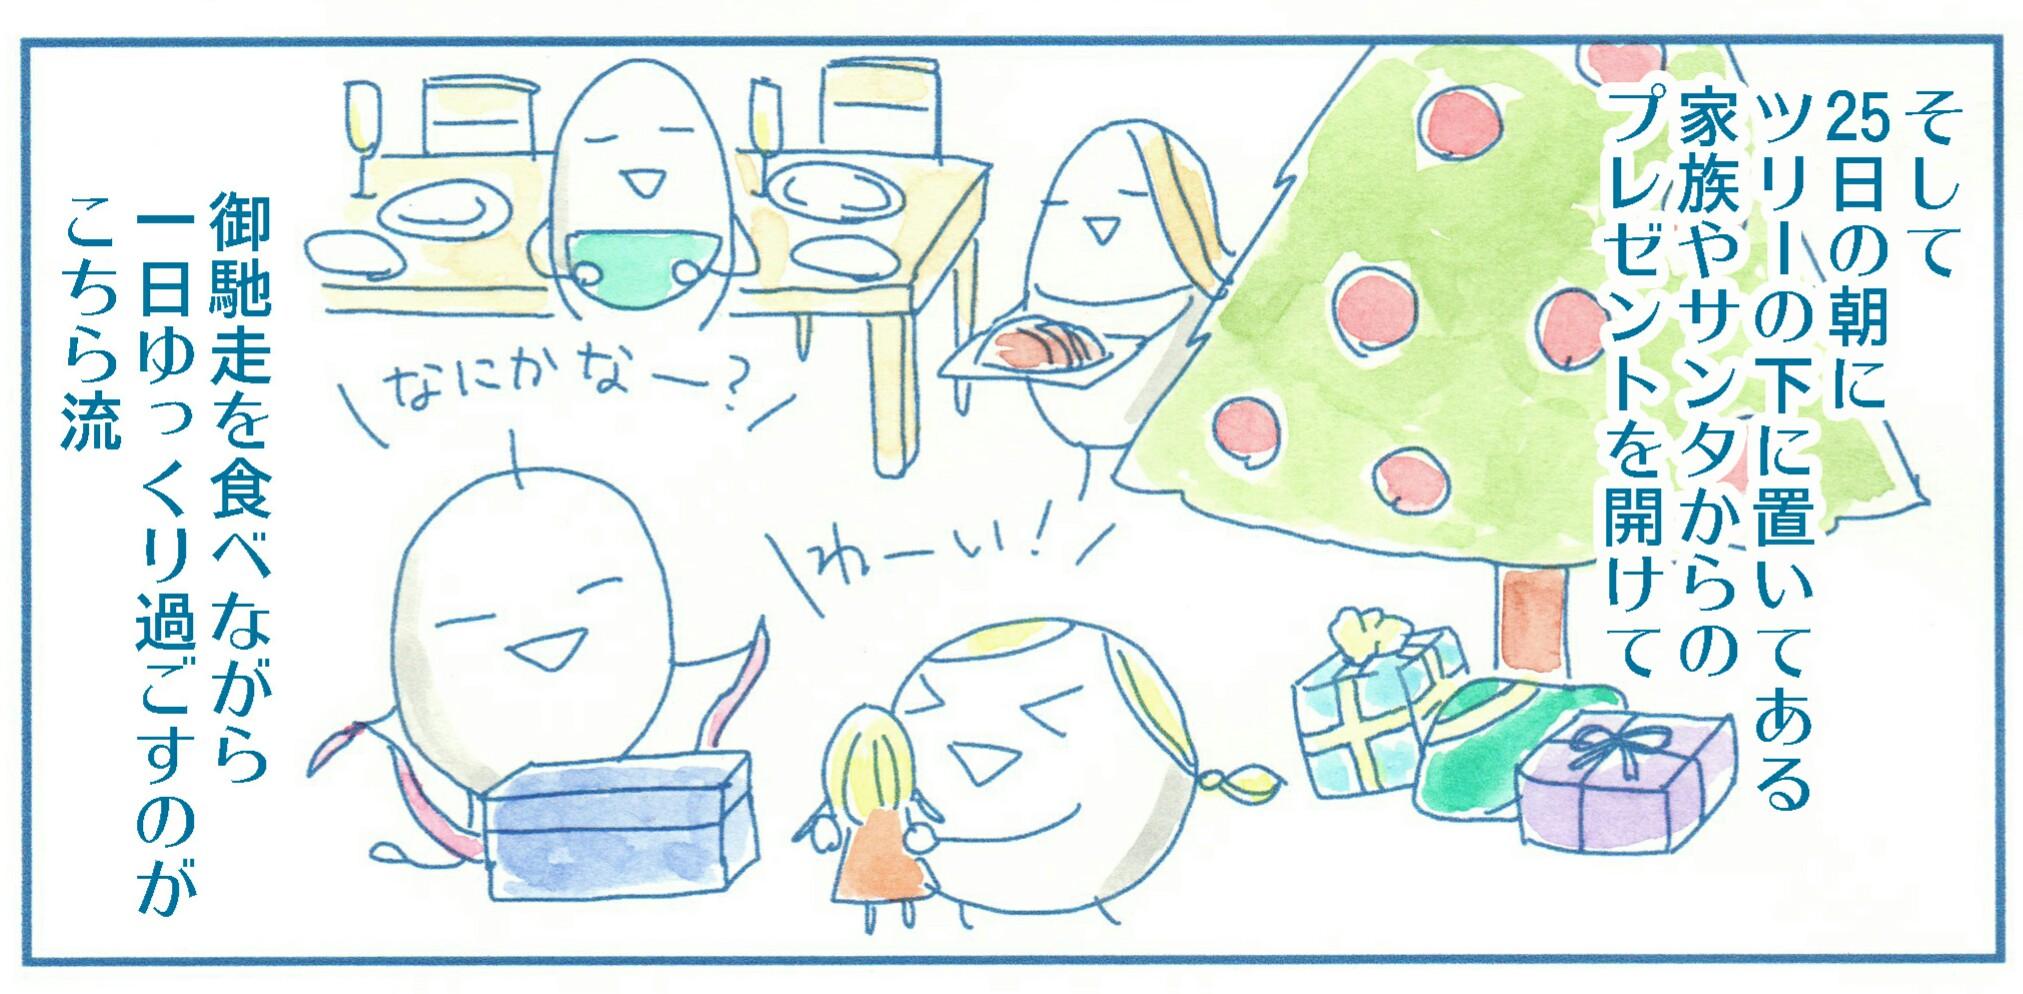 雨天曇天 Melbourne 「クリスマス番外編SP!オージー流☆真夏のクリスマス」